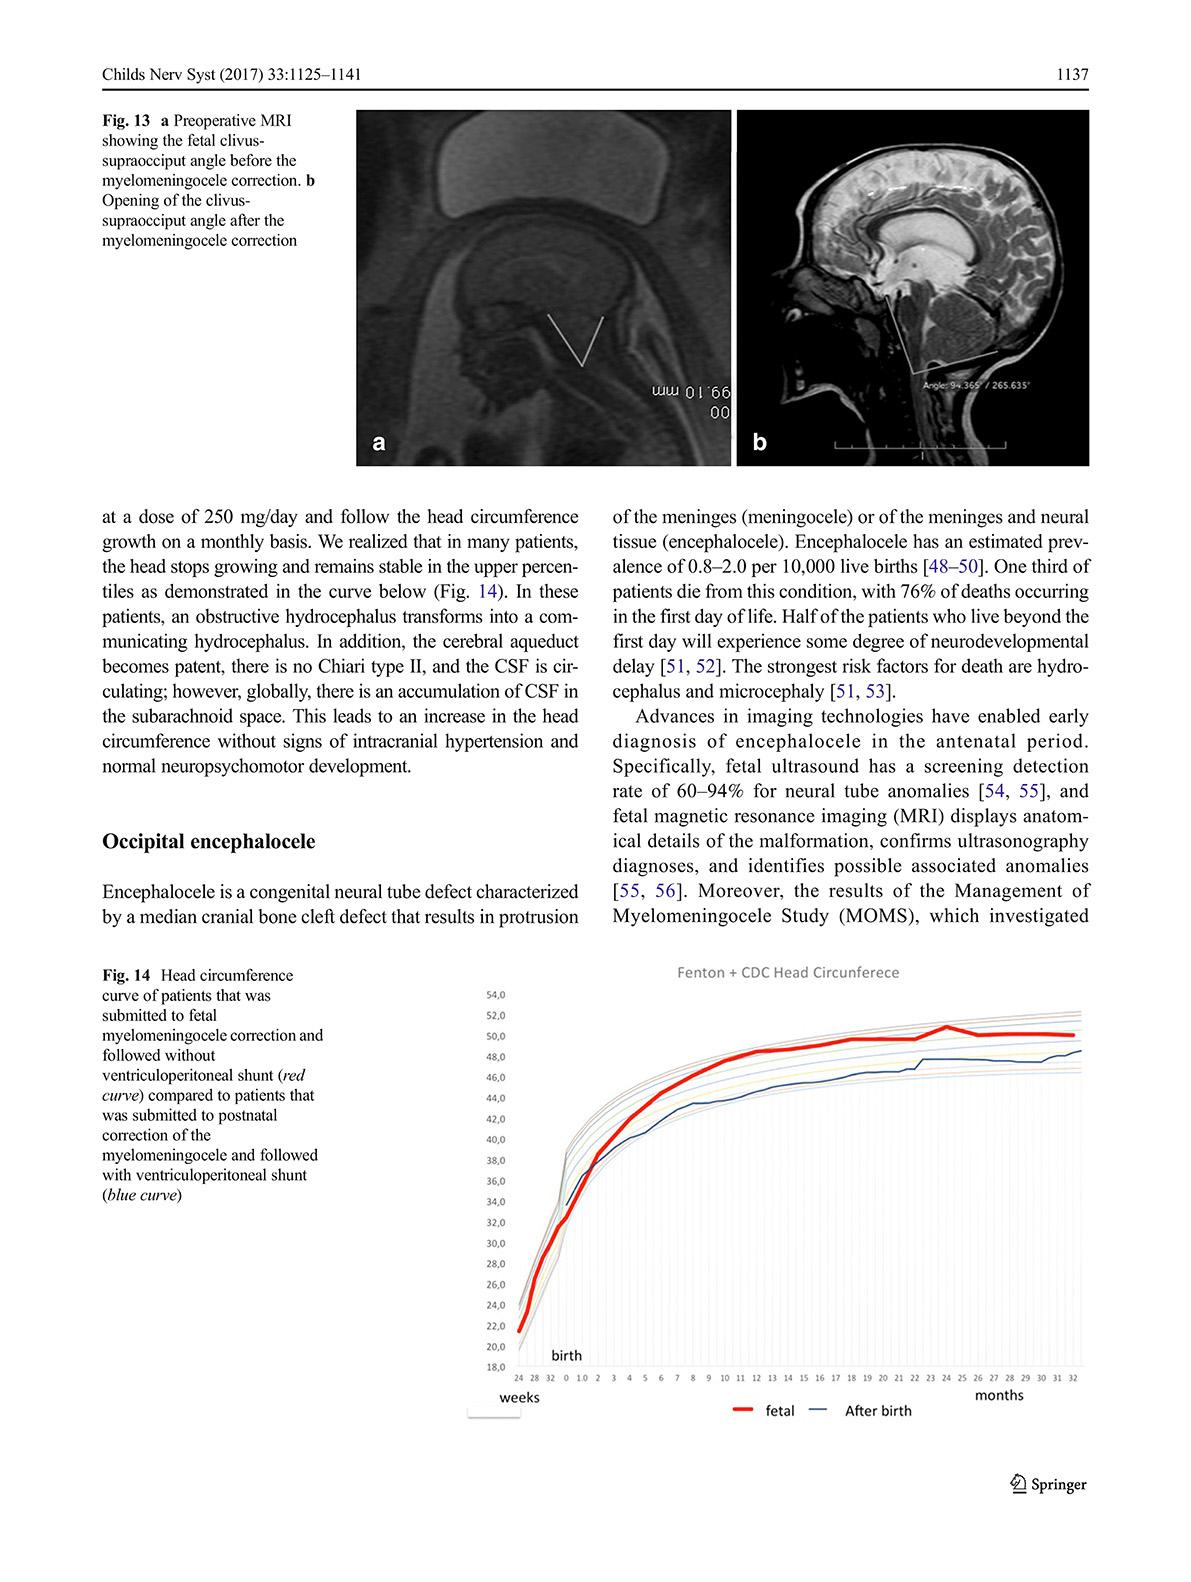 Hydrocéphalie. Prise en charge anté/postnatale